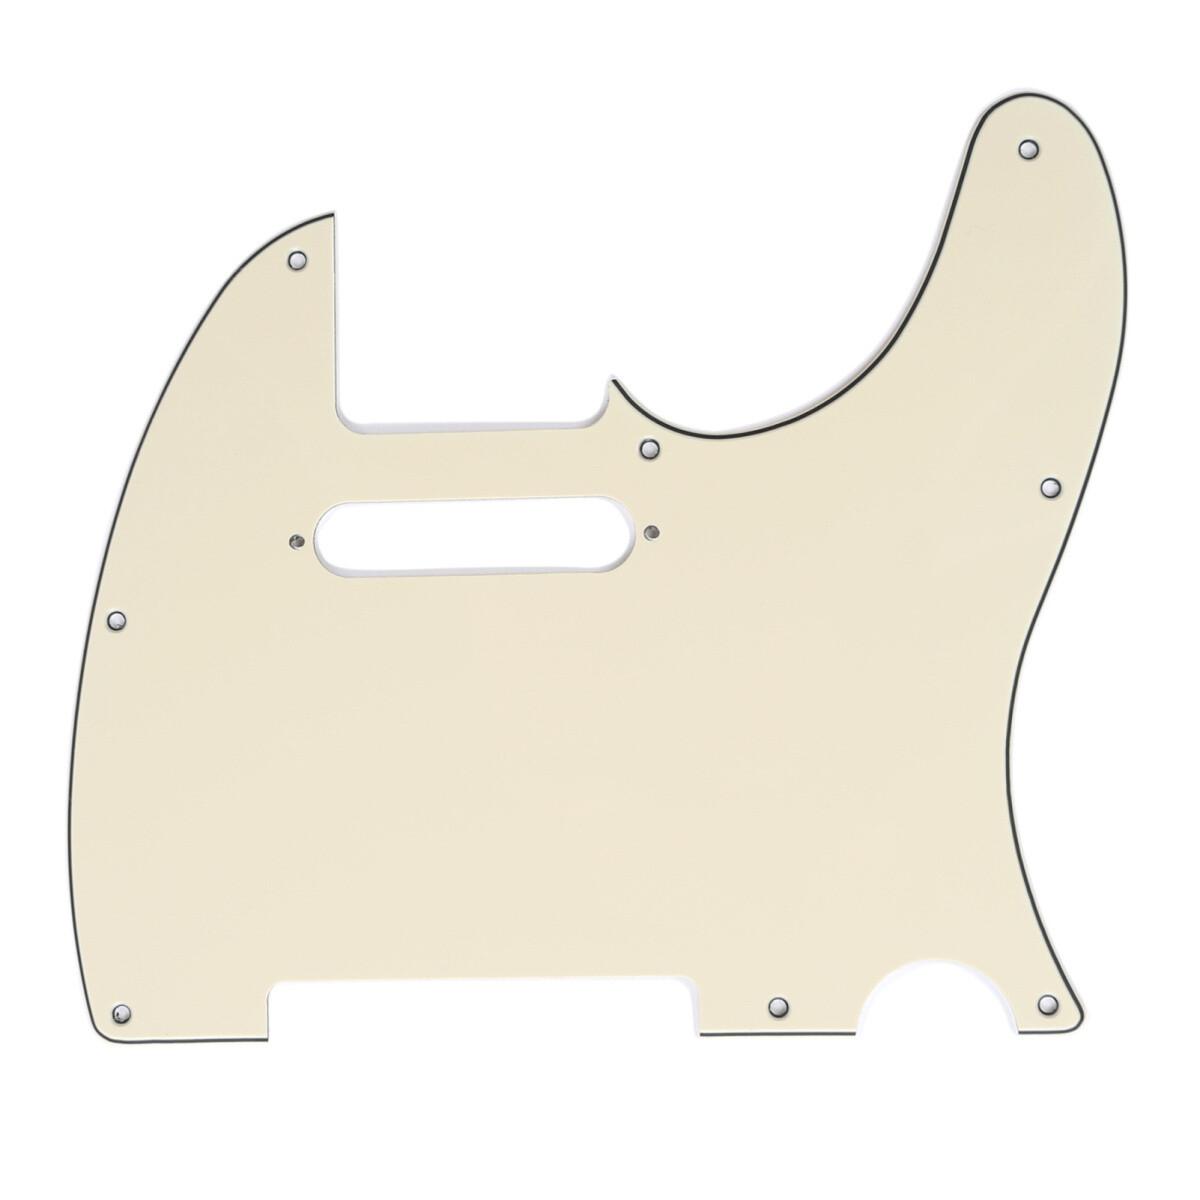 Brio Pickguard for Tele®, (8 screw holes) Cream